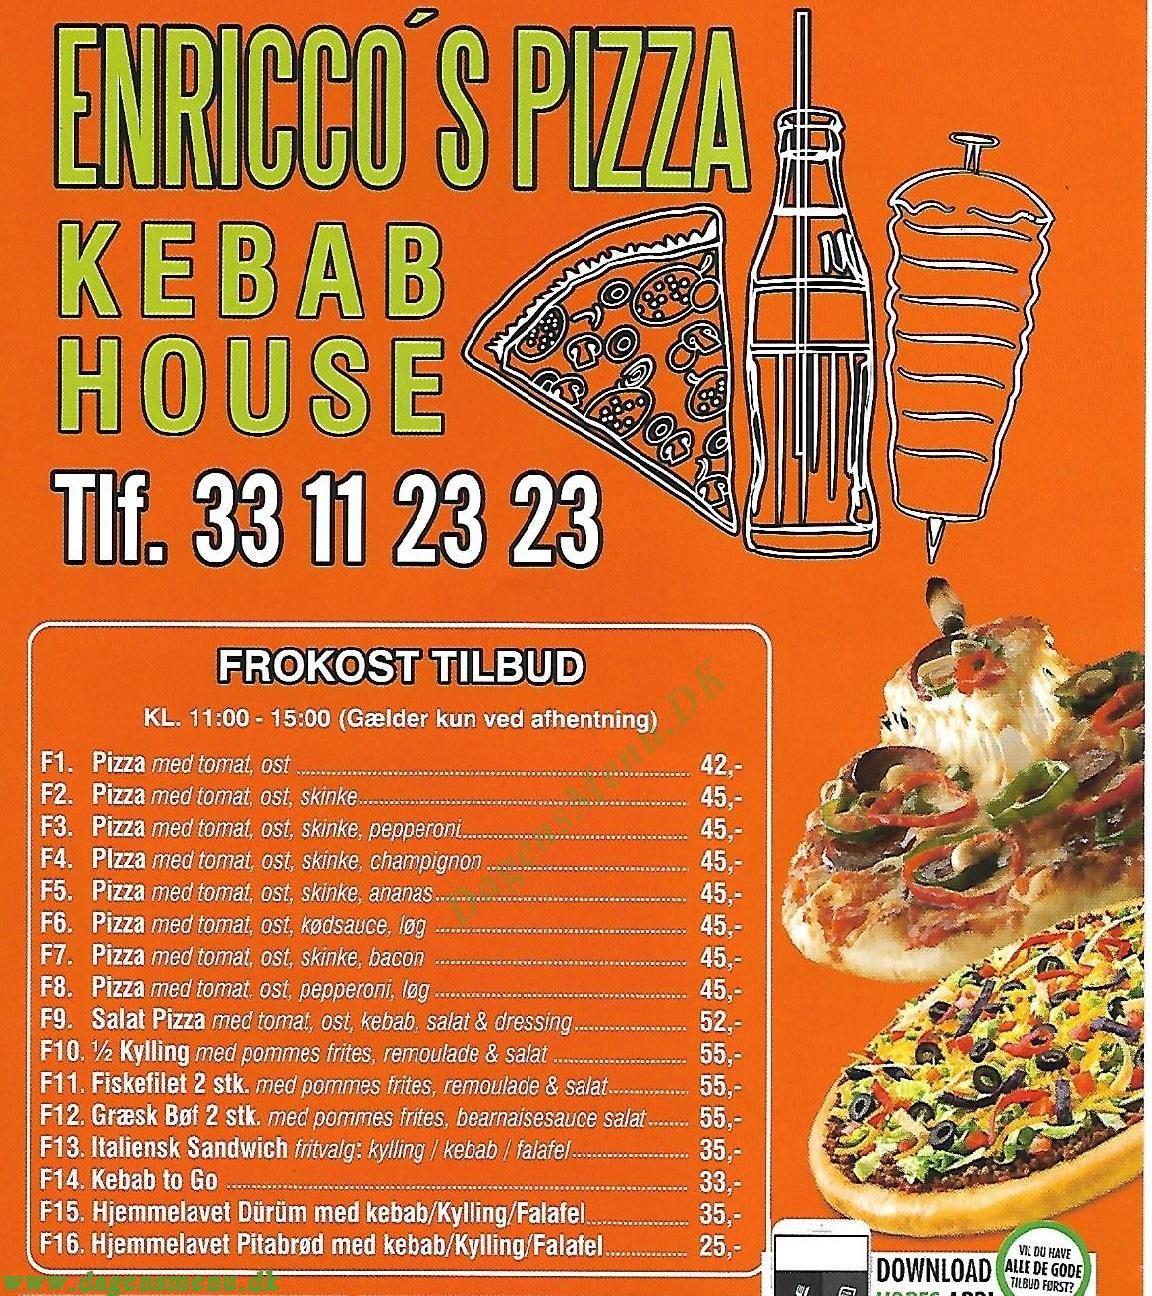 Enricco Pizza & Kebab - Menukort